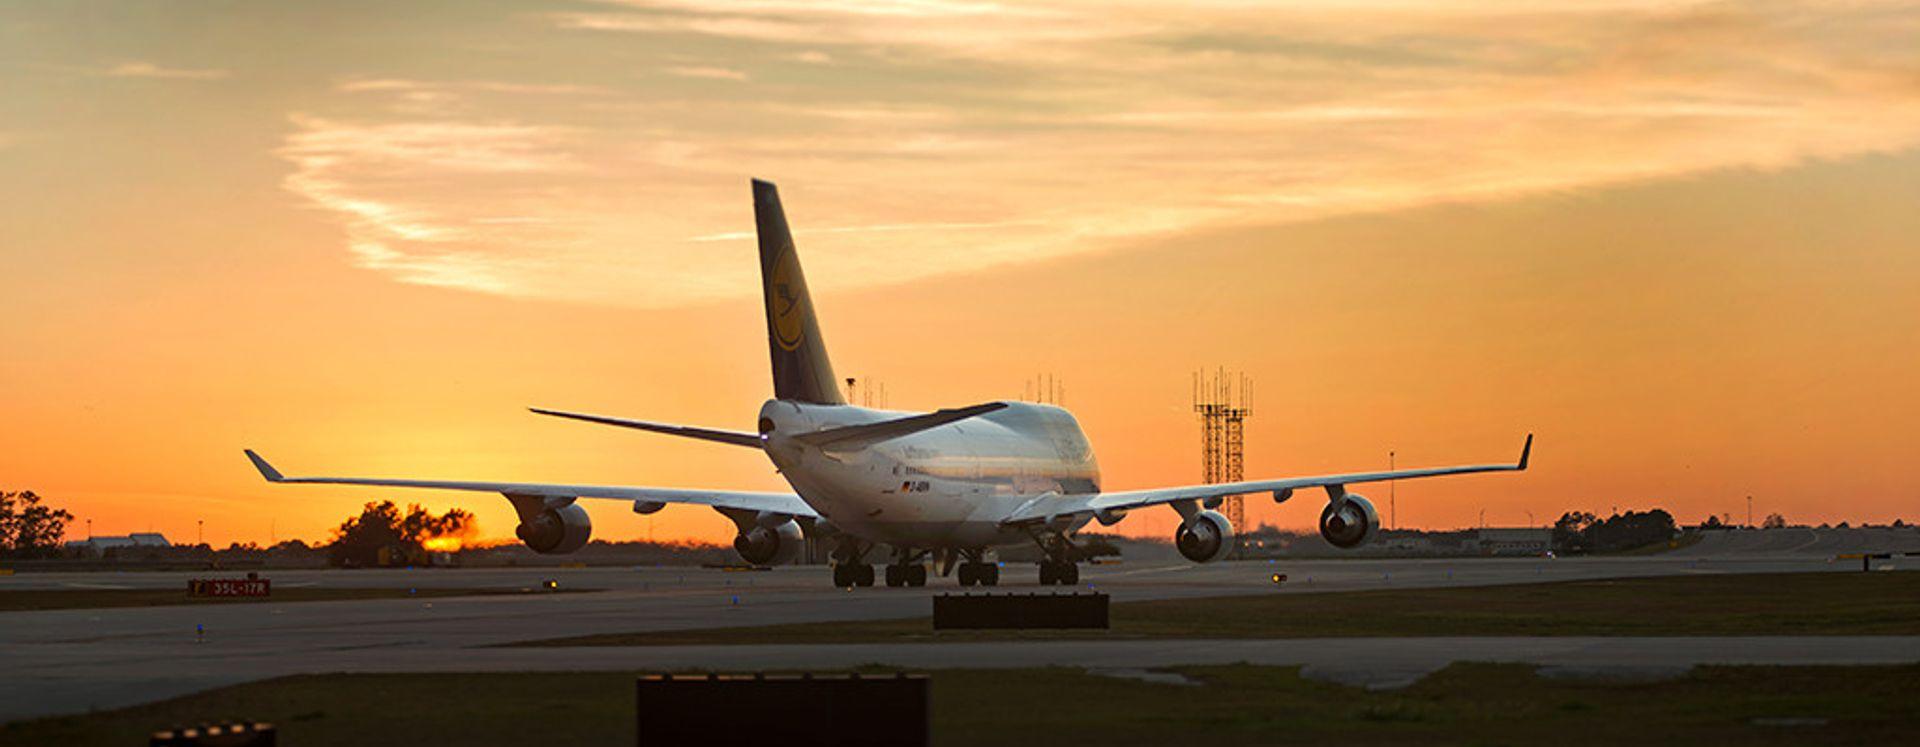 Avião no aeroporto de Orlando